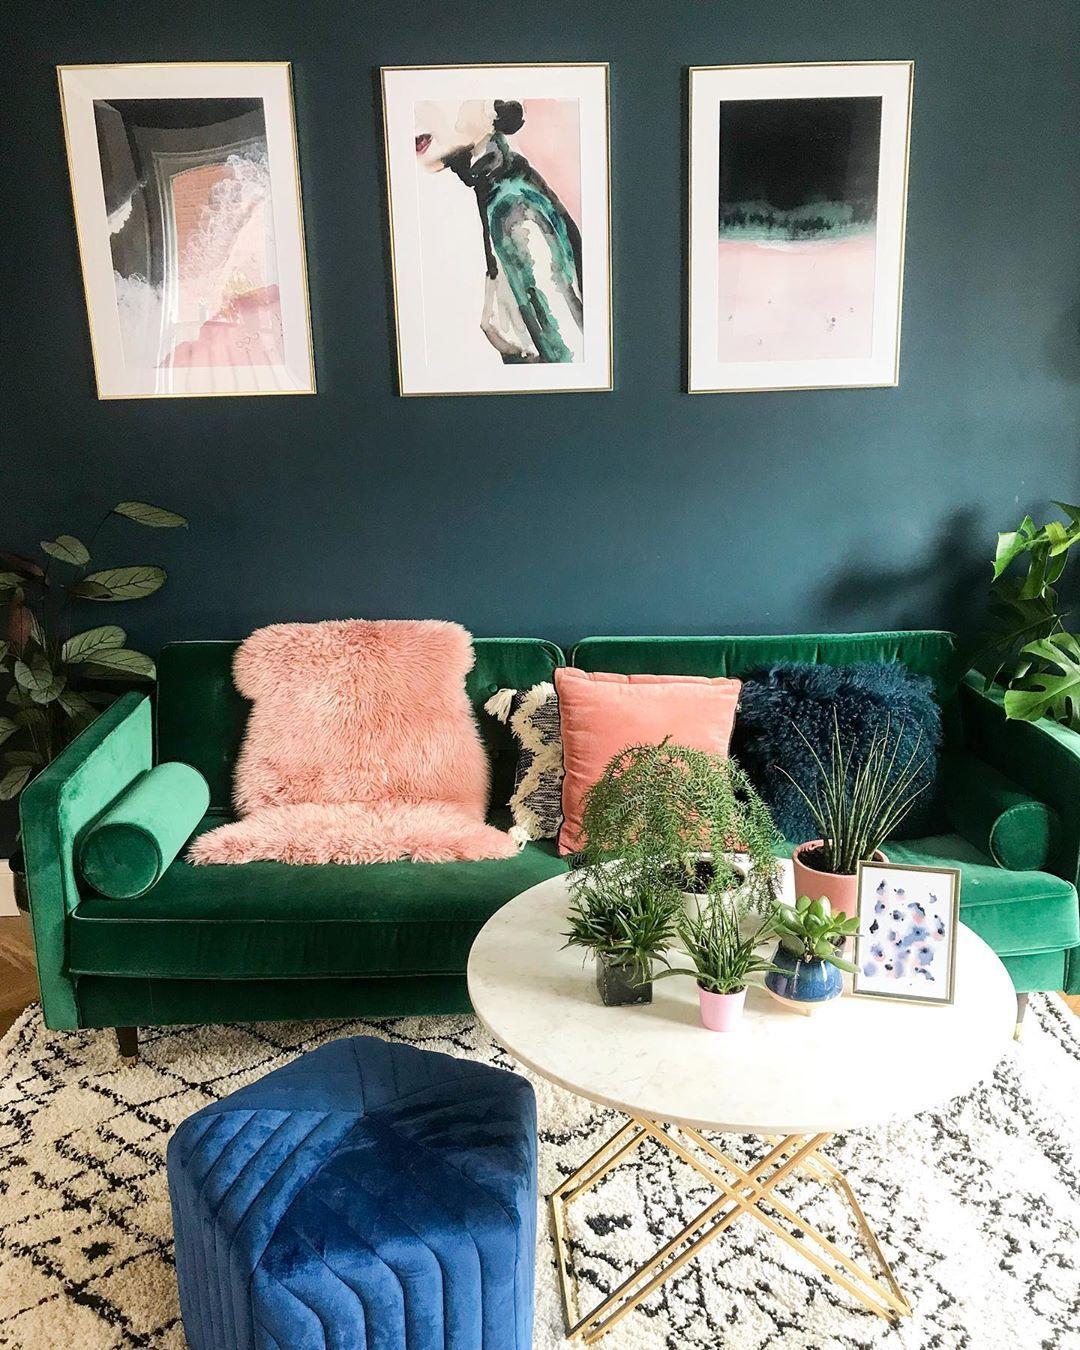 Dark Teal Walls Berber Style Monochrome Rug Velvet Green